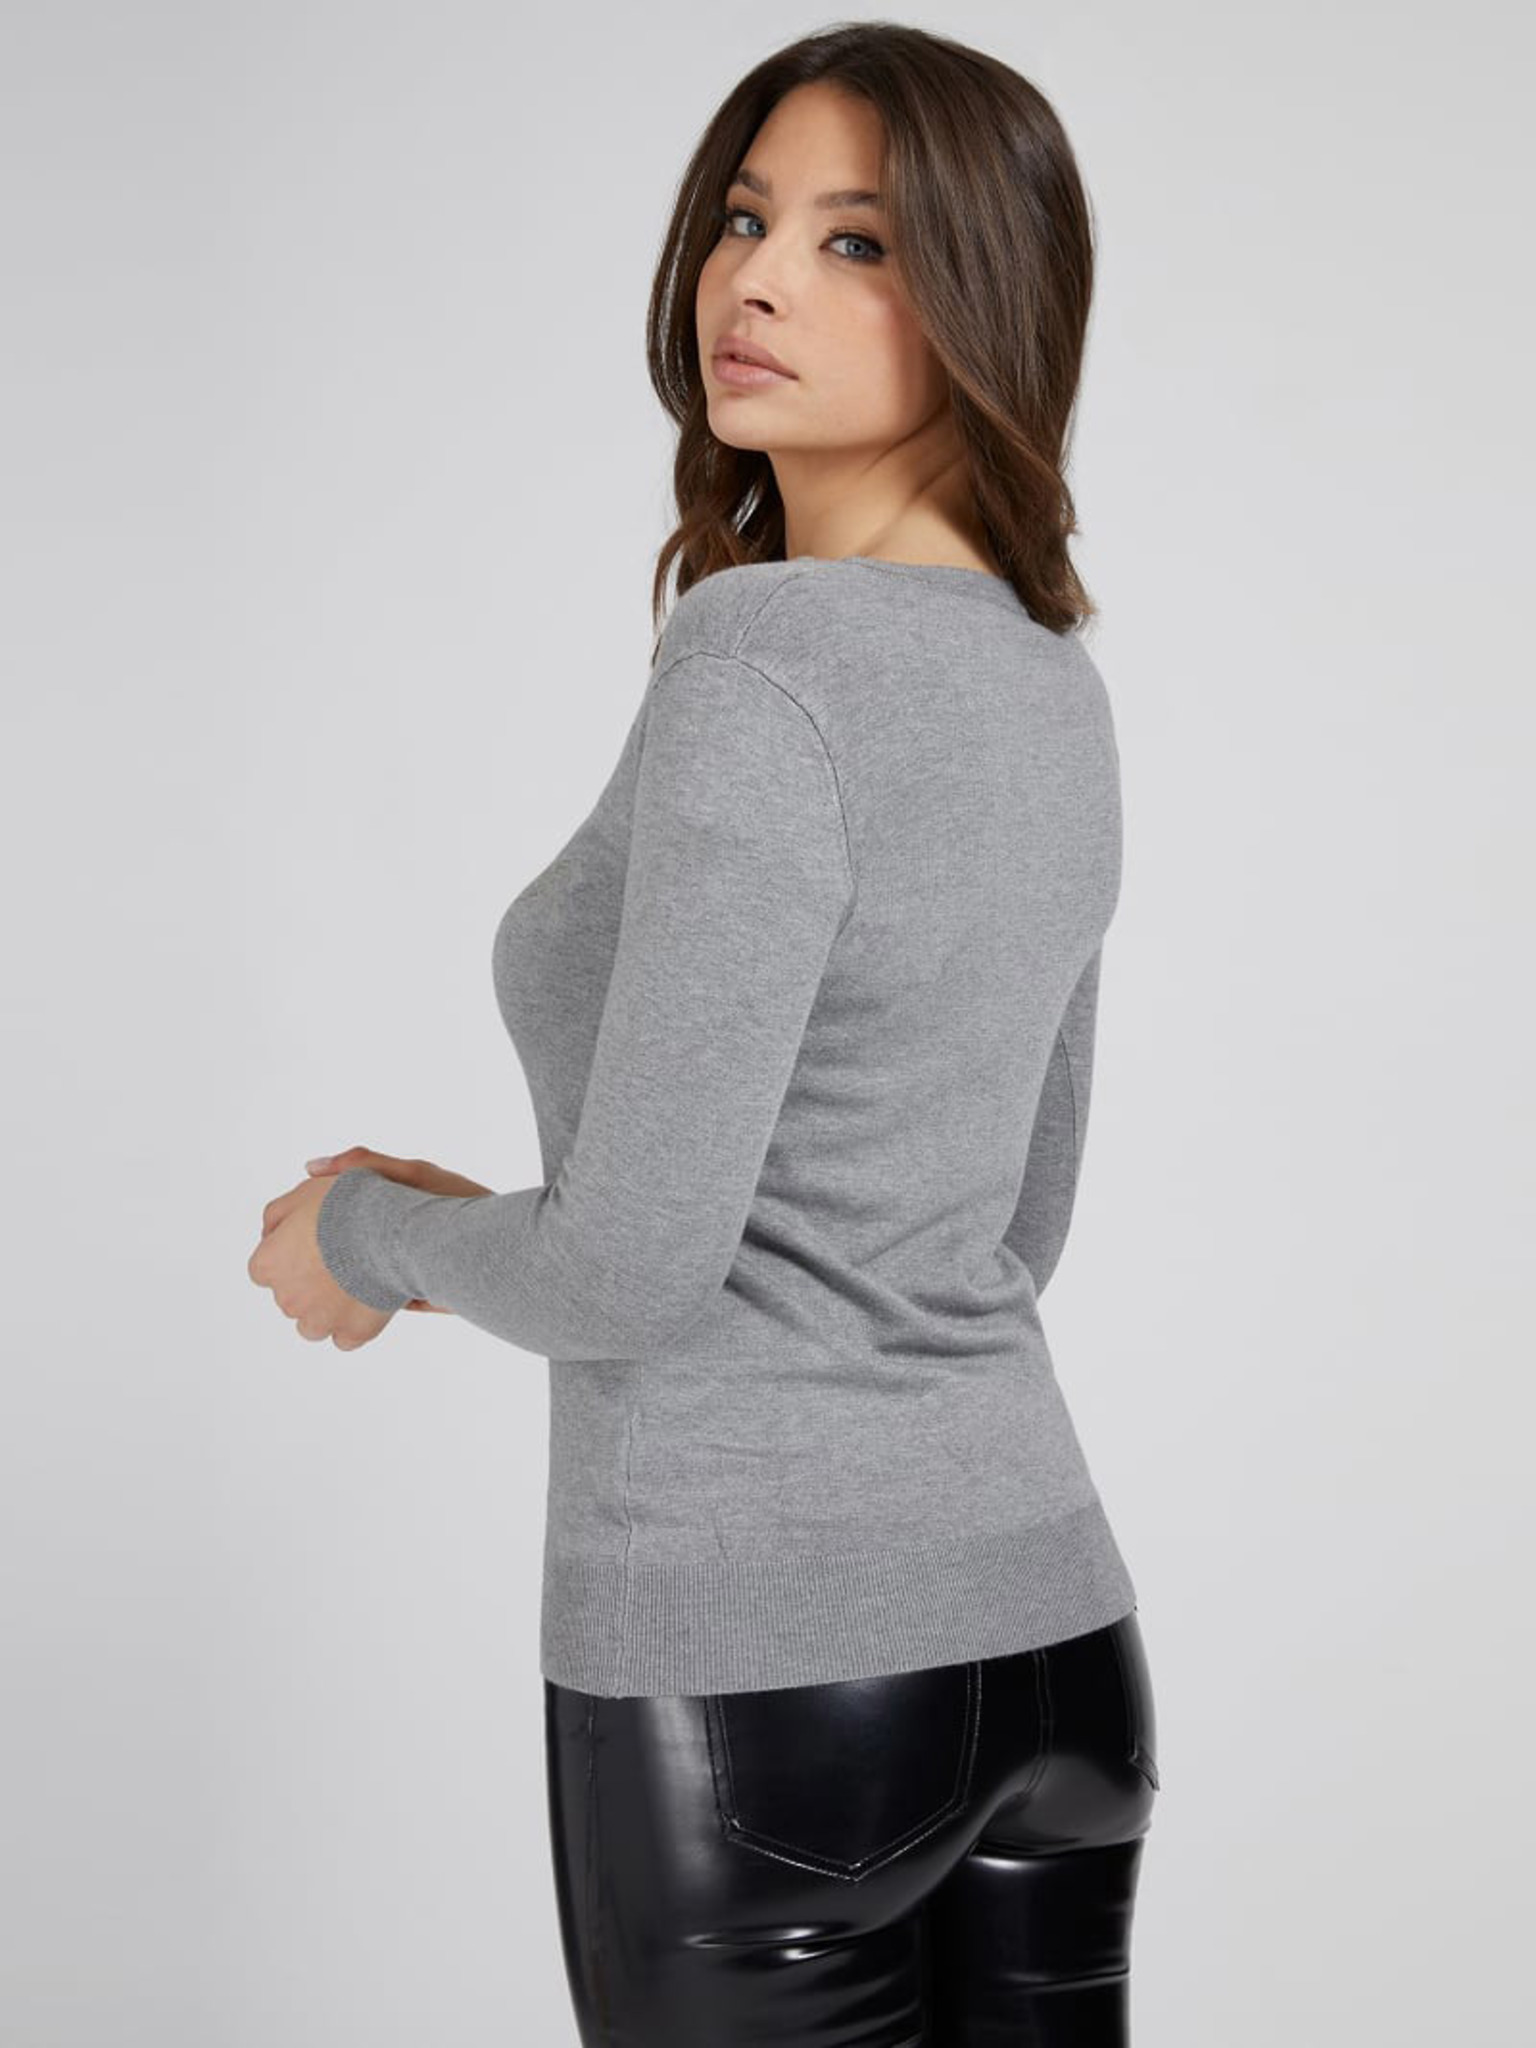 Guess Maglietta donna grigio Triko